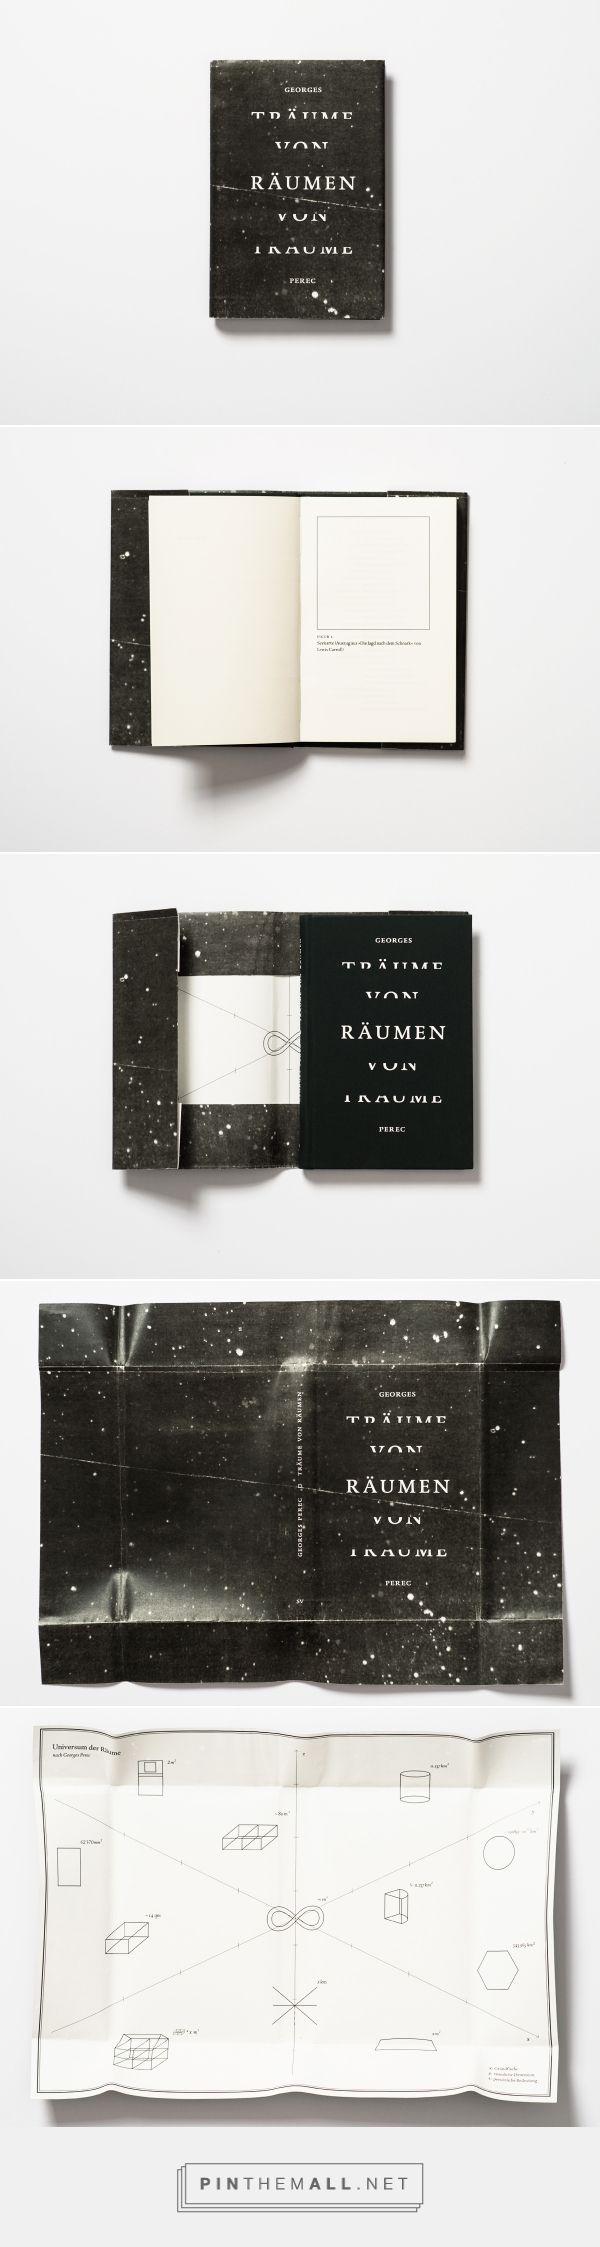 L'ouvrage Espèces d'espaces de George Perec, réinterpreté par la graphiste d'Hambourg, Katrin Grimm. La couverture est noire, et ce qui intéressant ici, ce sont les deux visions de l'espace qui y sont représentées. Au recto, l'espace au sens intergalactique, au verso, l'espace au sens géométrique. - created on 2014-12-12 20:24:21